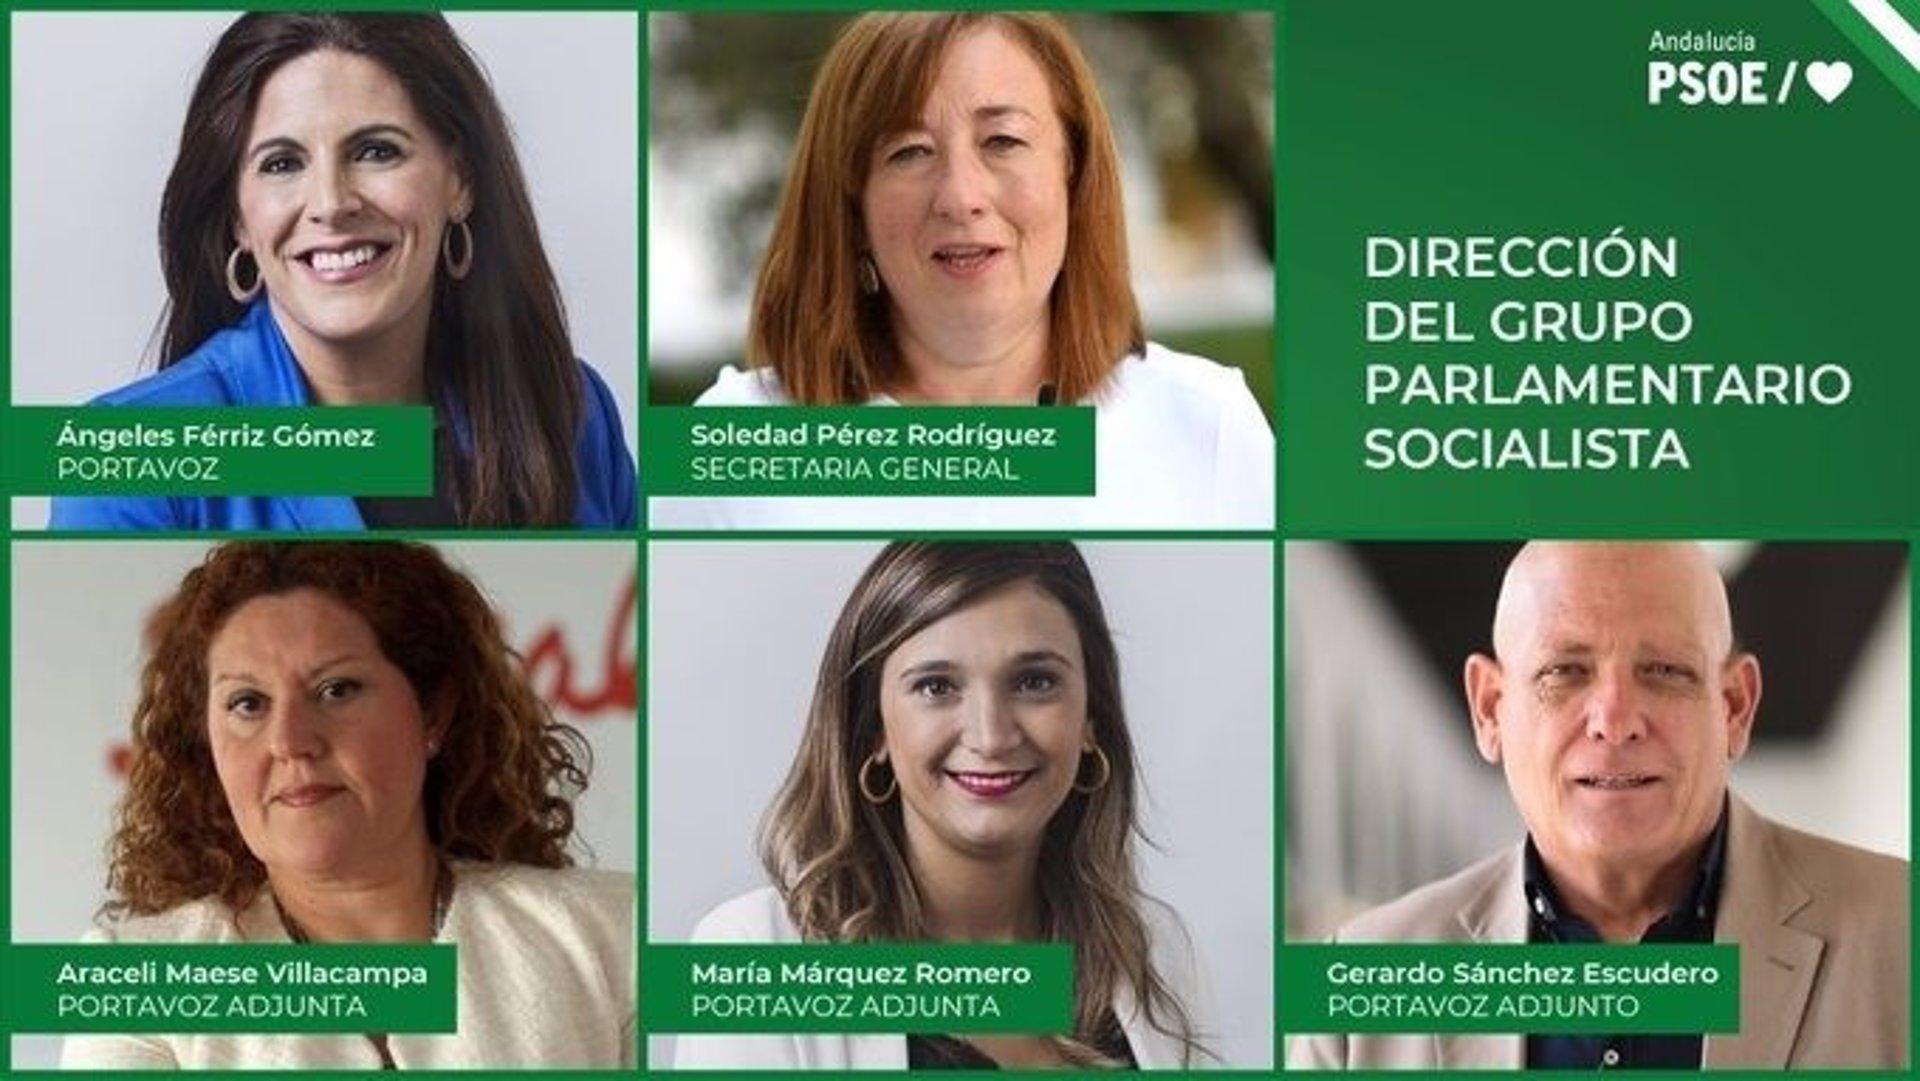 La Ejecutiva del PSOE-A acuerda por unanimidad la nueva dirección del Grupo Parlamentario Socialista